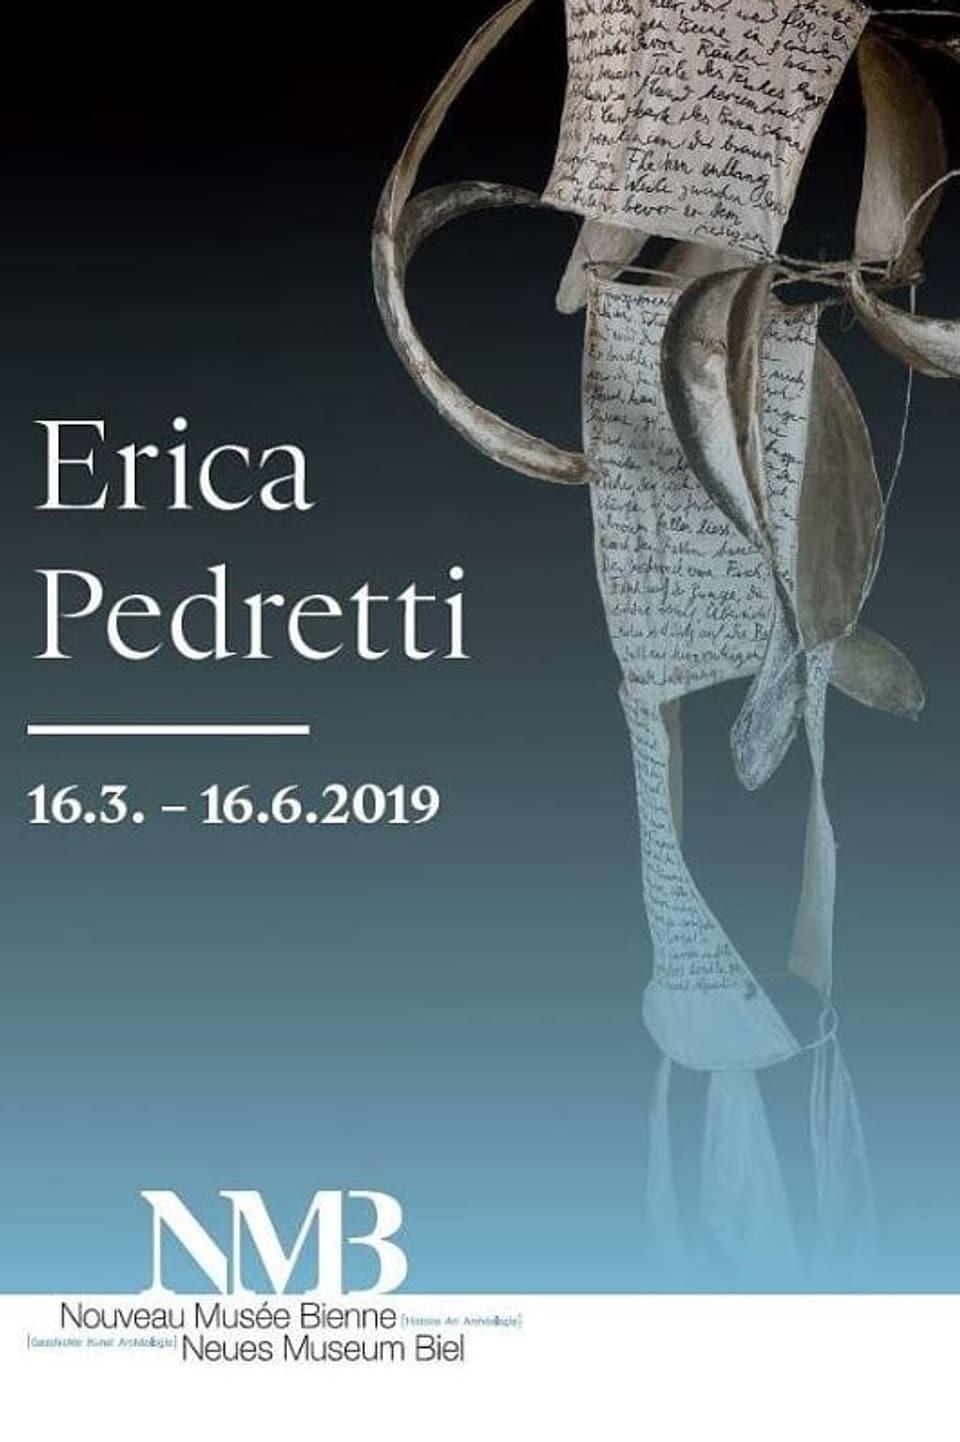 Il «Neues Museum Biel» mussa ina retrospectiva da l'ovra dad Erica Pedretti